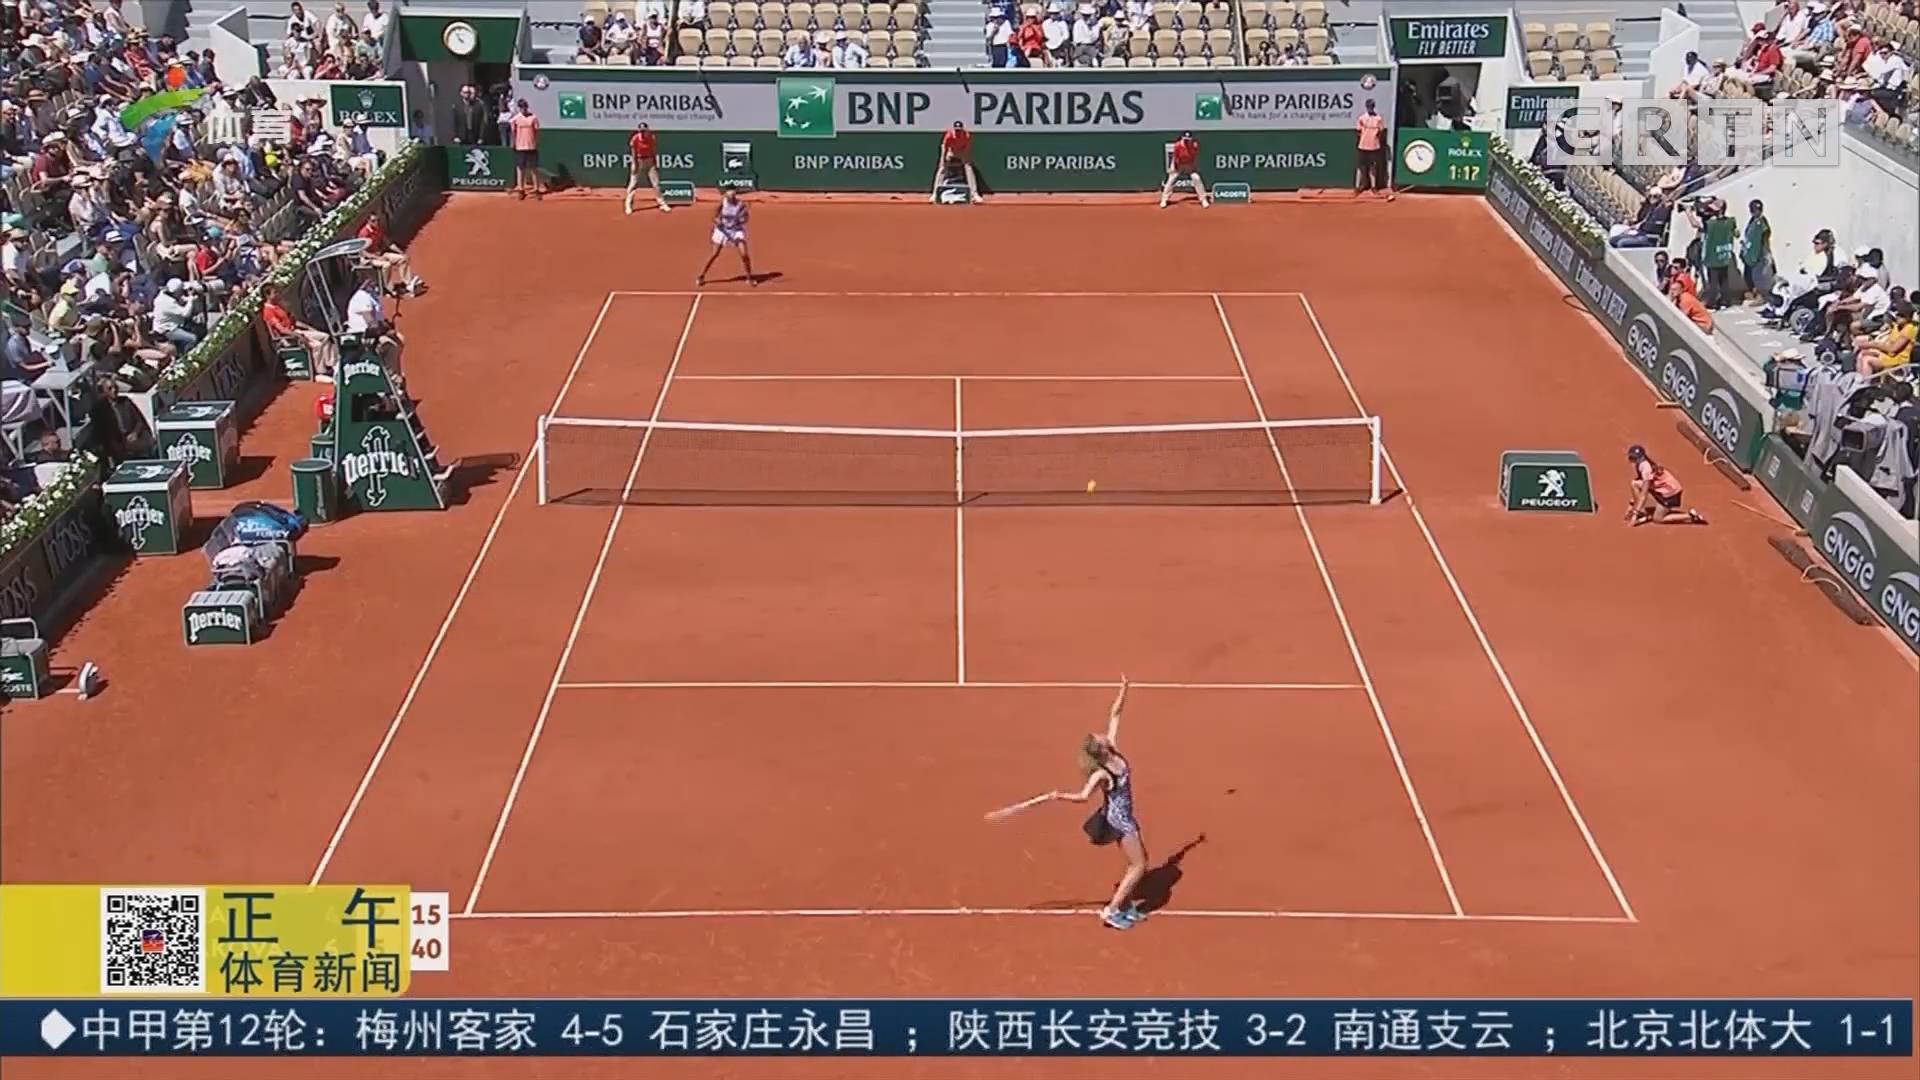 法网女单赛场爆冷 大坂直美、小威双双出局